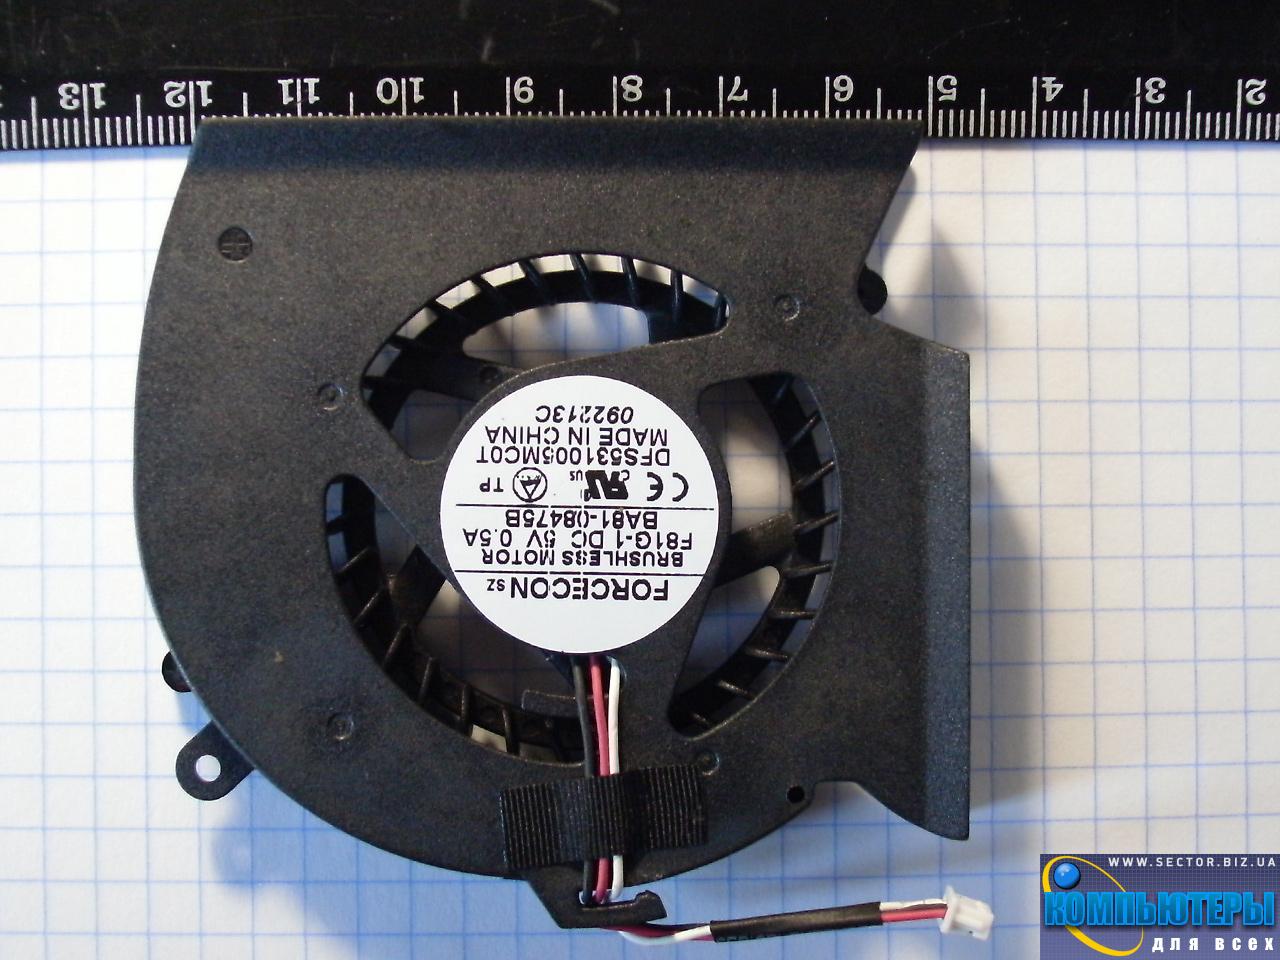 Кулер к ноутбуку Samsung P530 R523 R525 R528 R530 R538 R540 p/n: DFS531005MC0T F81G-1. Фото № 1.